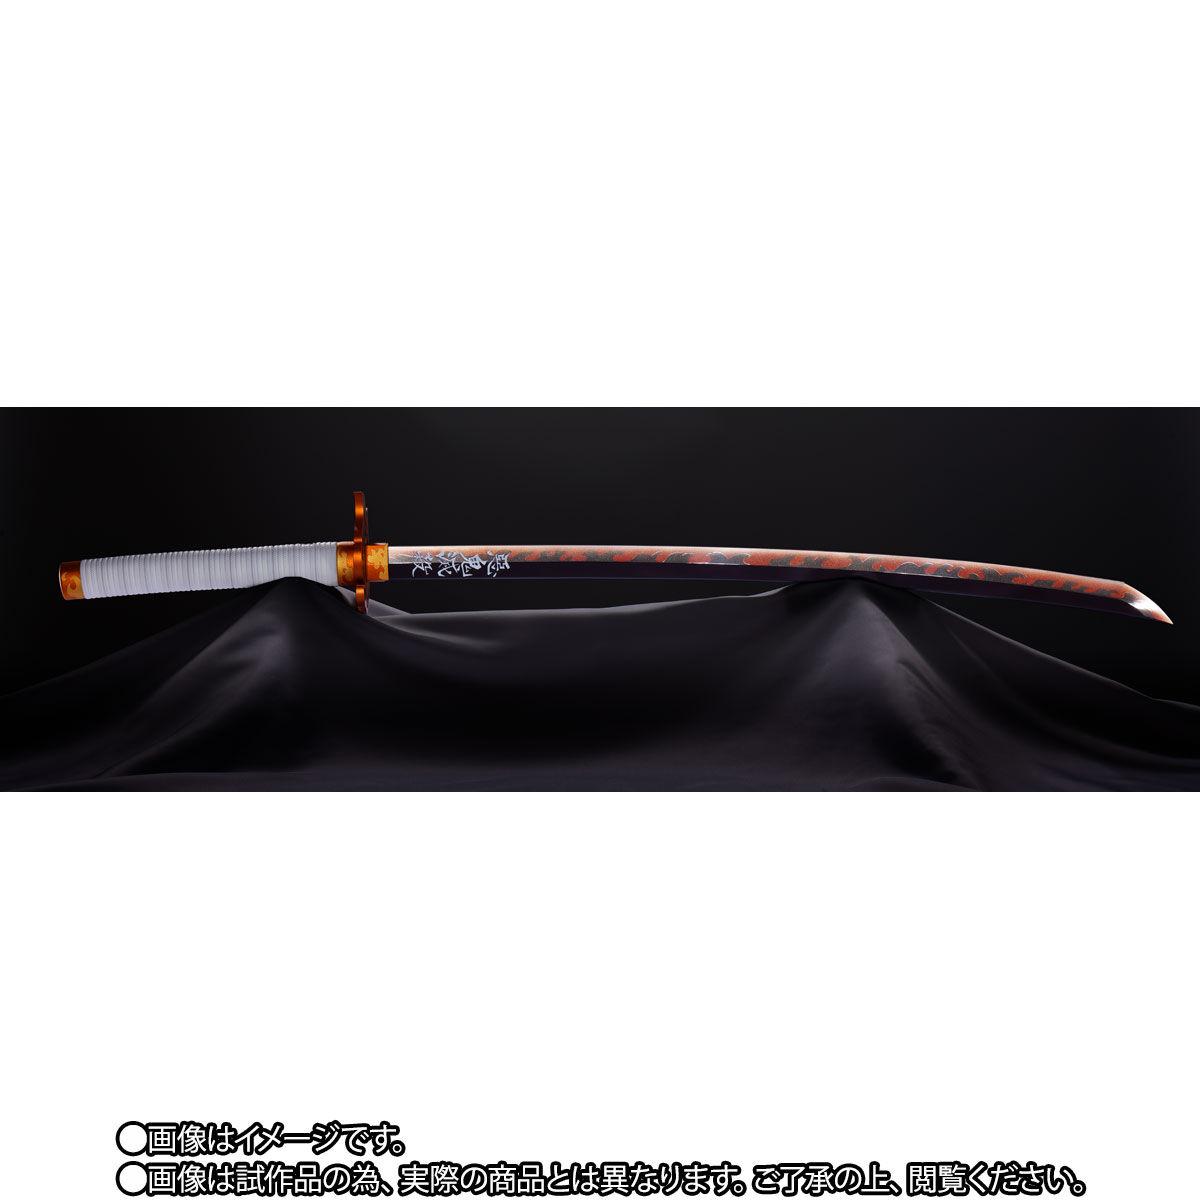 【限定販売】【再販】PROPLICA プロップリカ『日輪刀(煉獄杏寿郎)』鬼滅の刃 変身なりきり-004